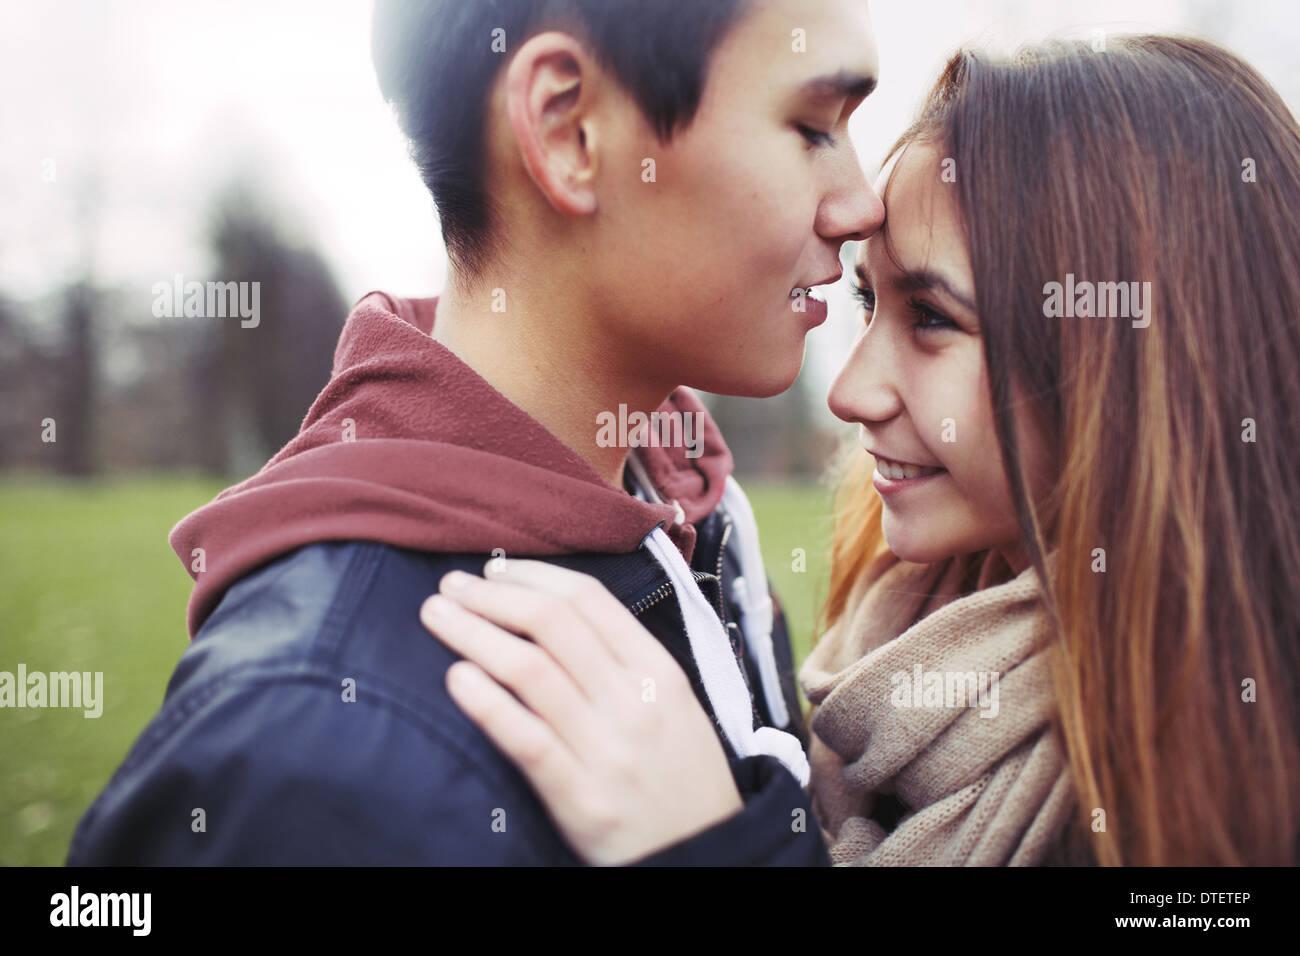 Chiudere l immagine di carino coppia giovane in amore insieme nel parco. Asian teenage giovane spendere tempo romantico con l'altra. Immagini Stock